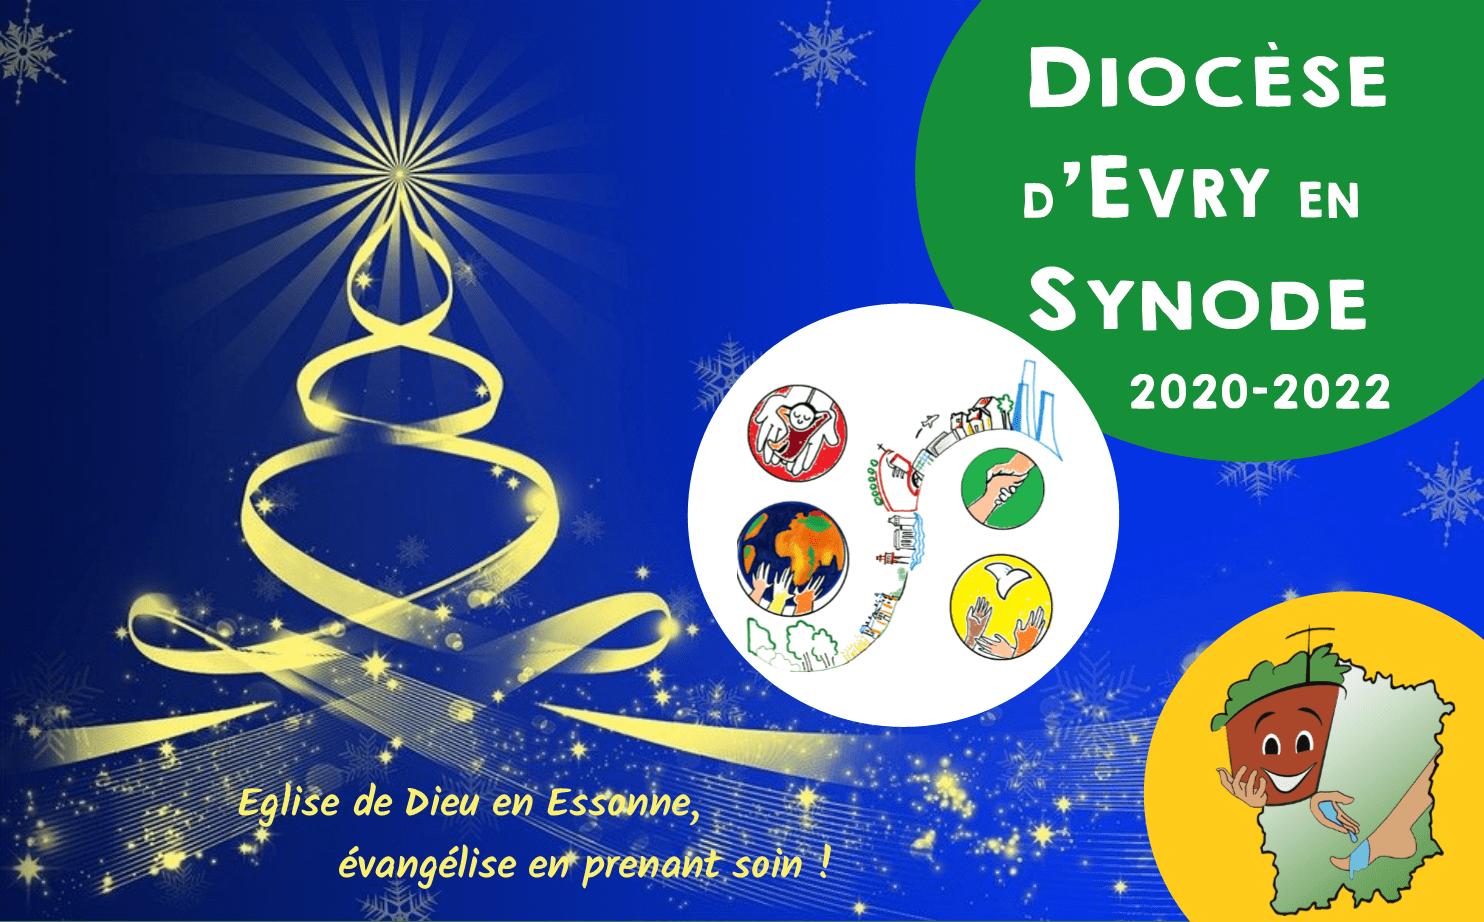 Bonnes idées pour le synode au 15/12/2020